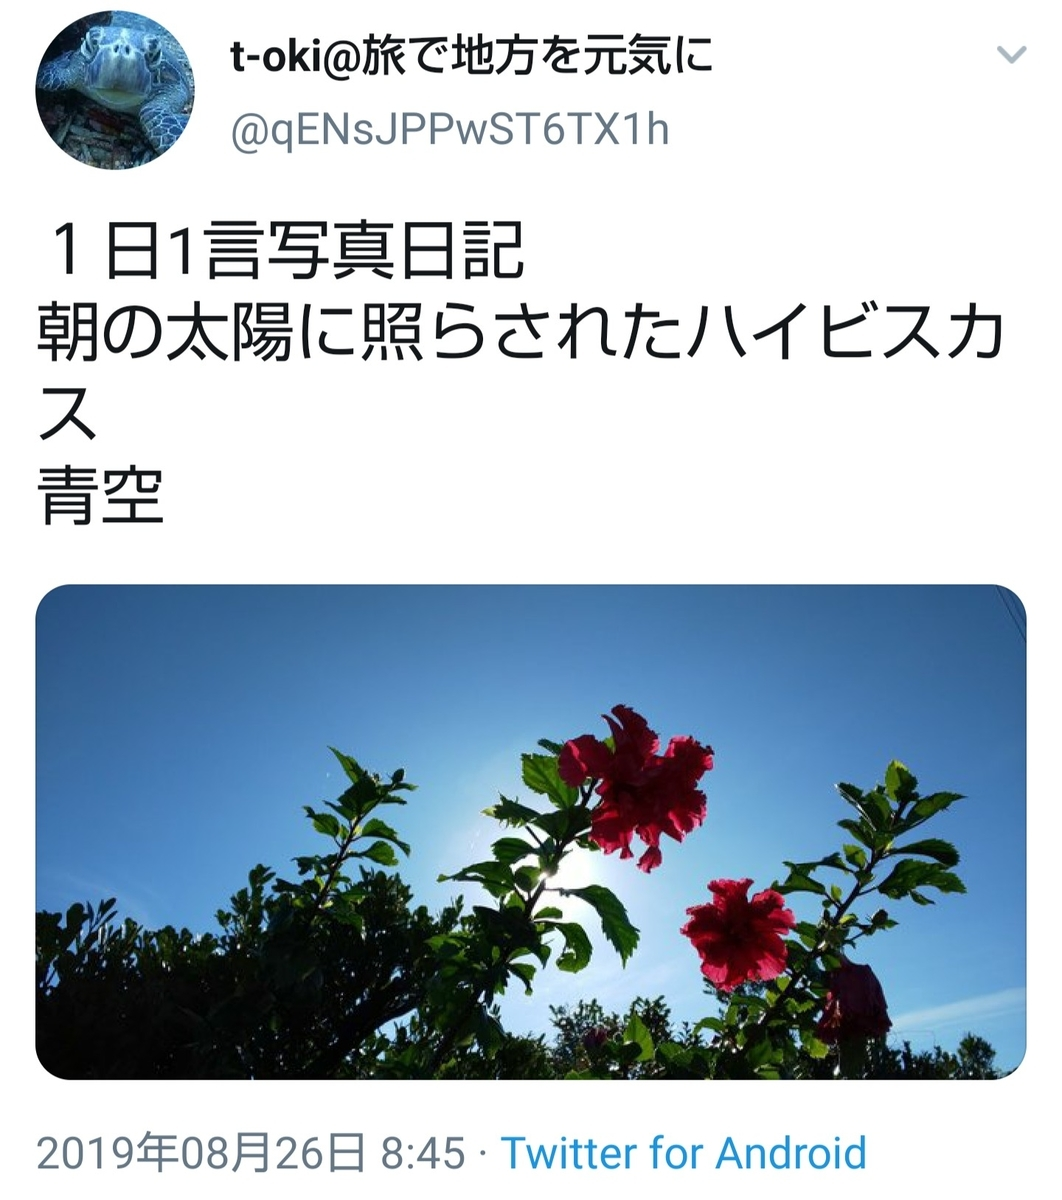 f:id:beautifuldreaman:20190826220041j:plain